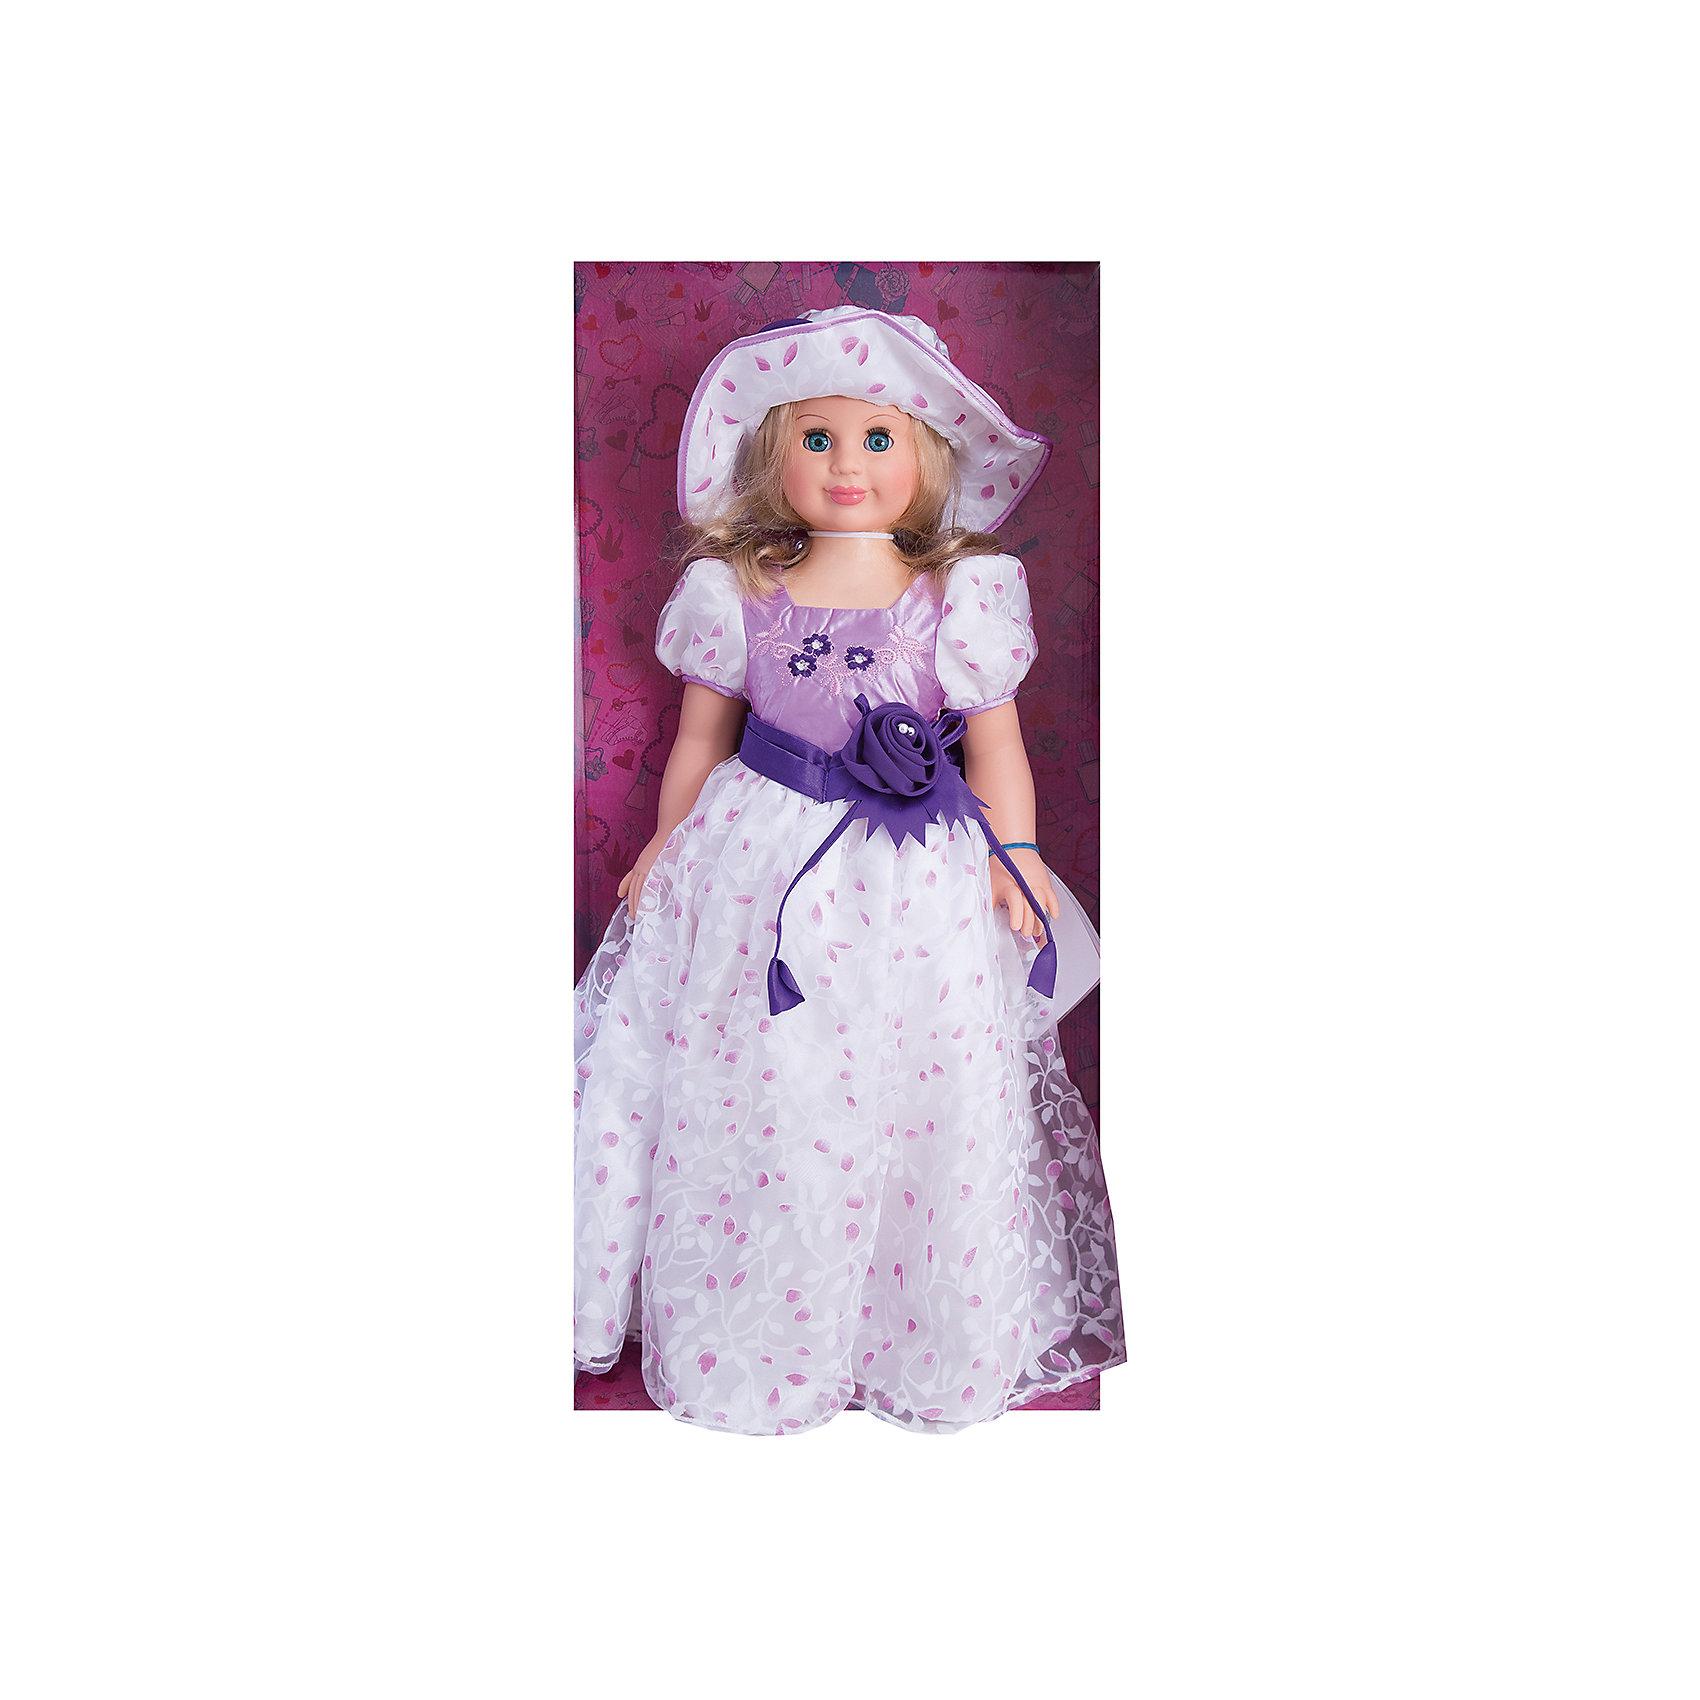 Весна Кукла Милана 6, со звуком, 70 см, Весна кукла весна алсу 35 см со звуком в1634 о